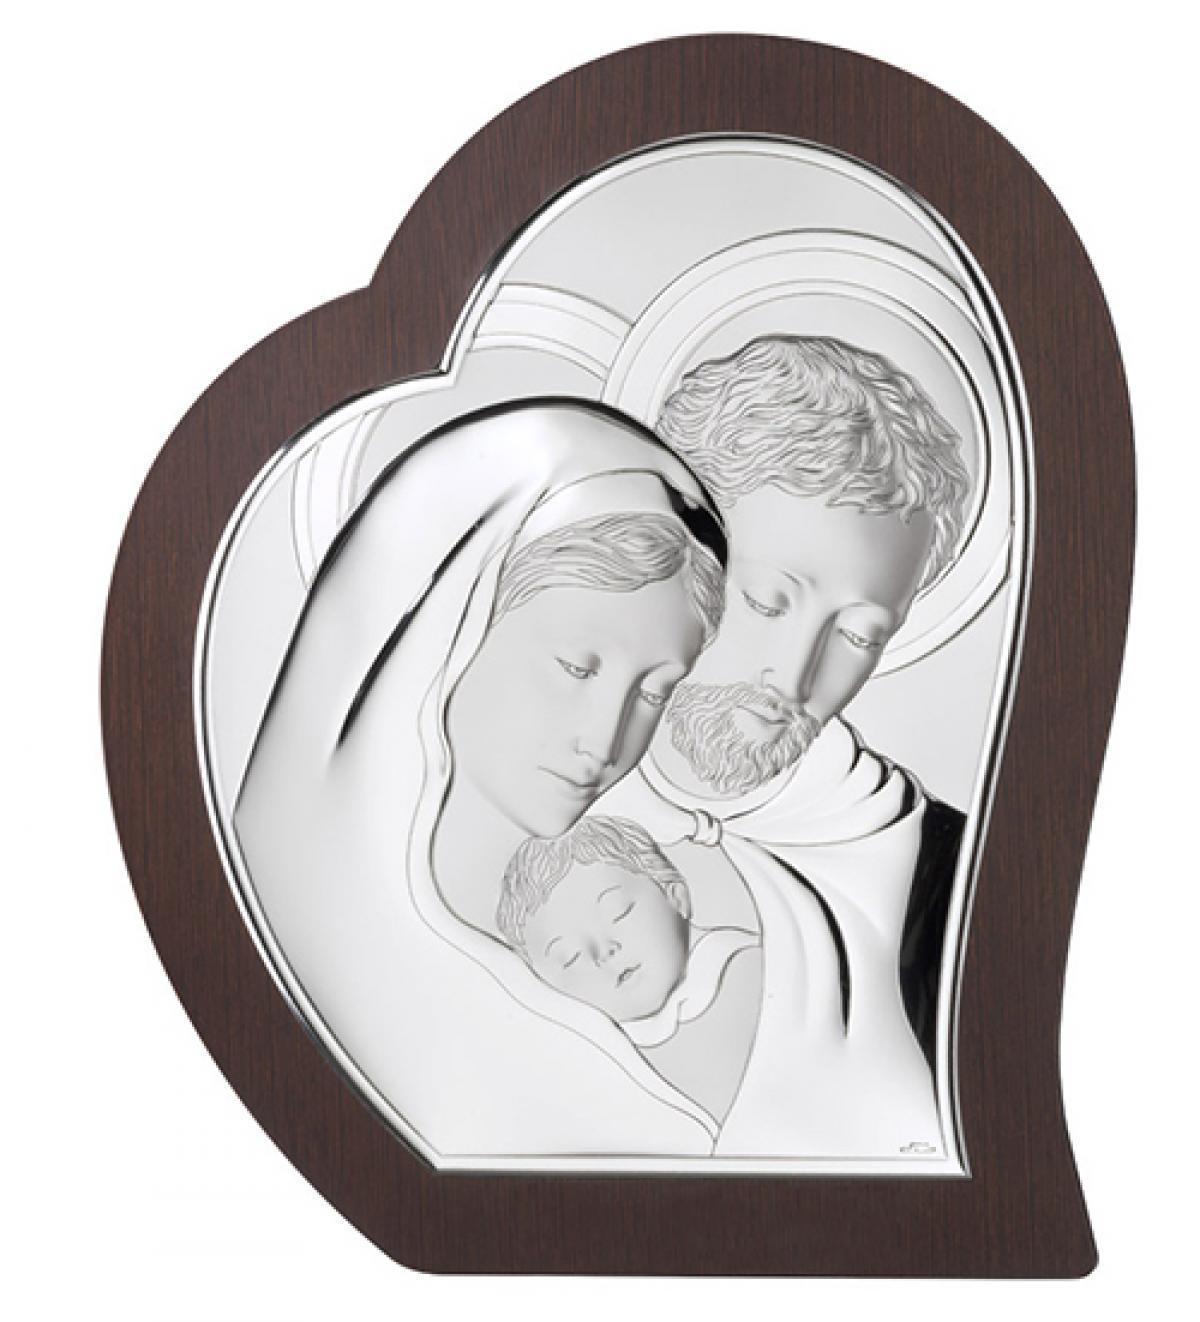 Ікона срібна Свята Родина 15х17см 81330 2L